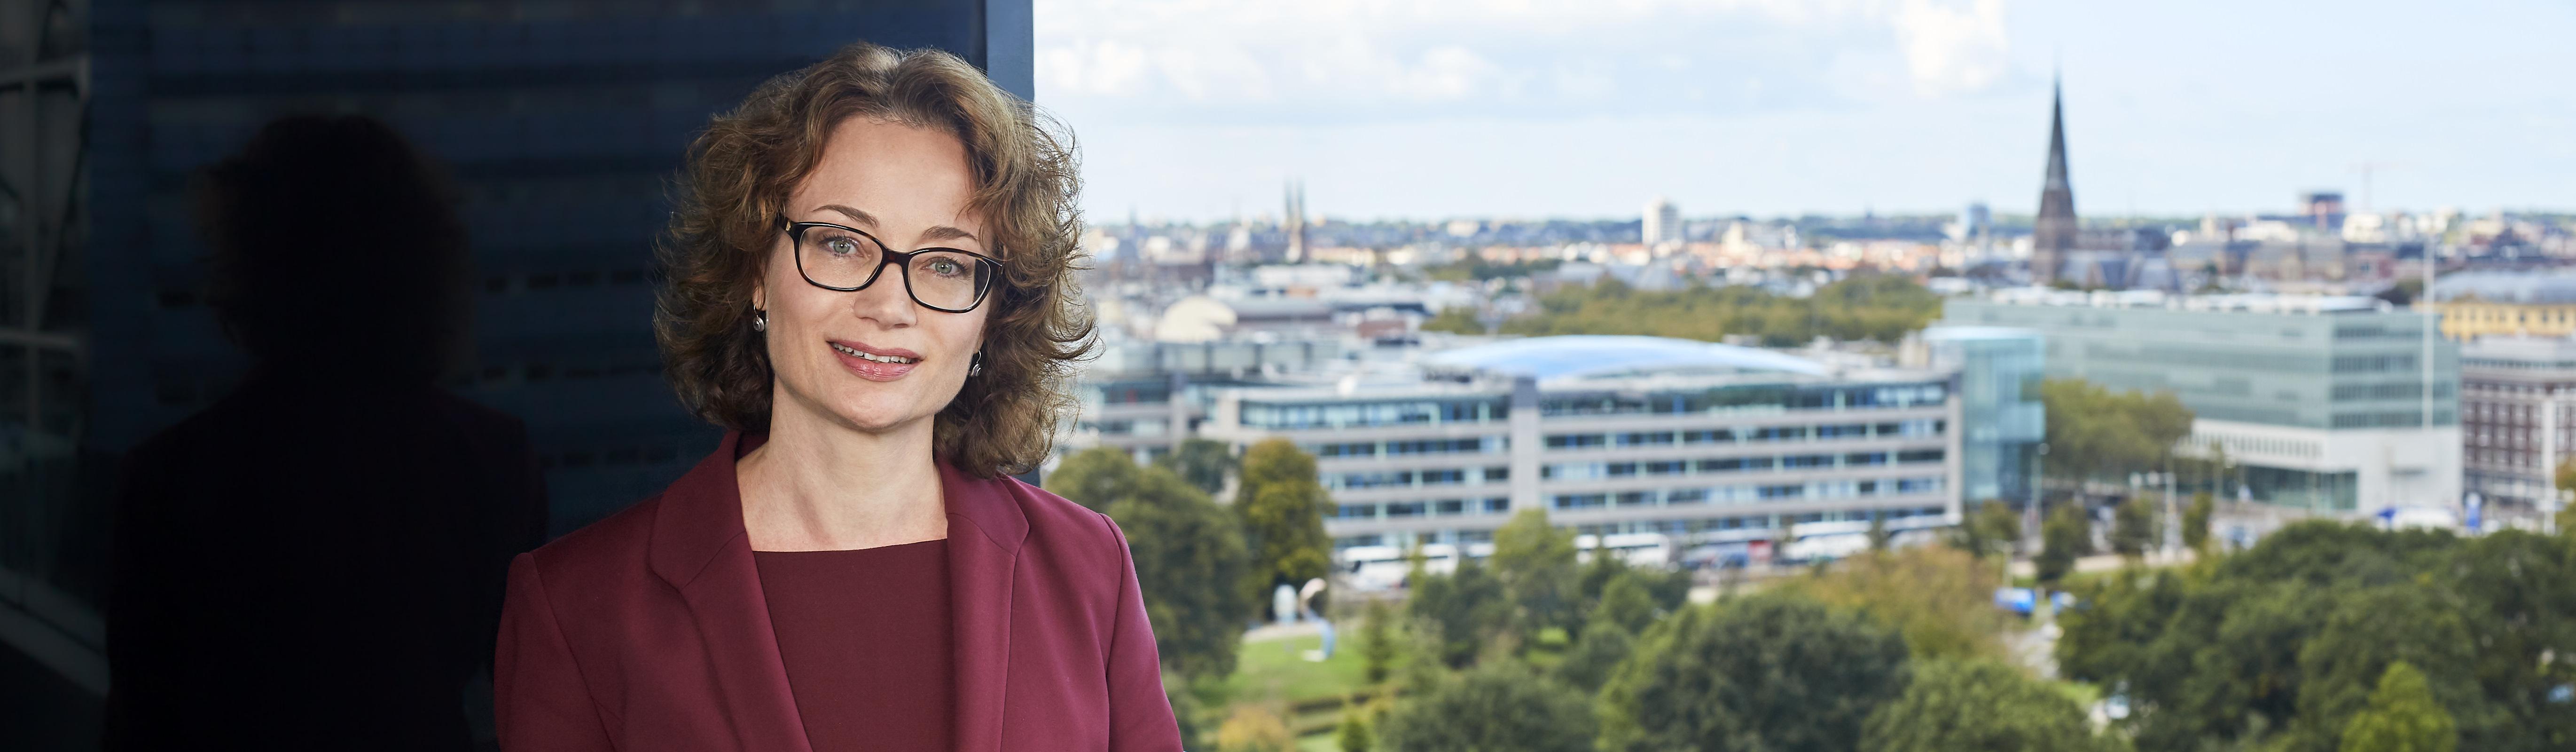 Nicoline Bergman, advocaat Pels Rijcken